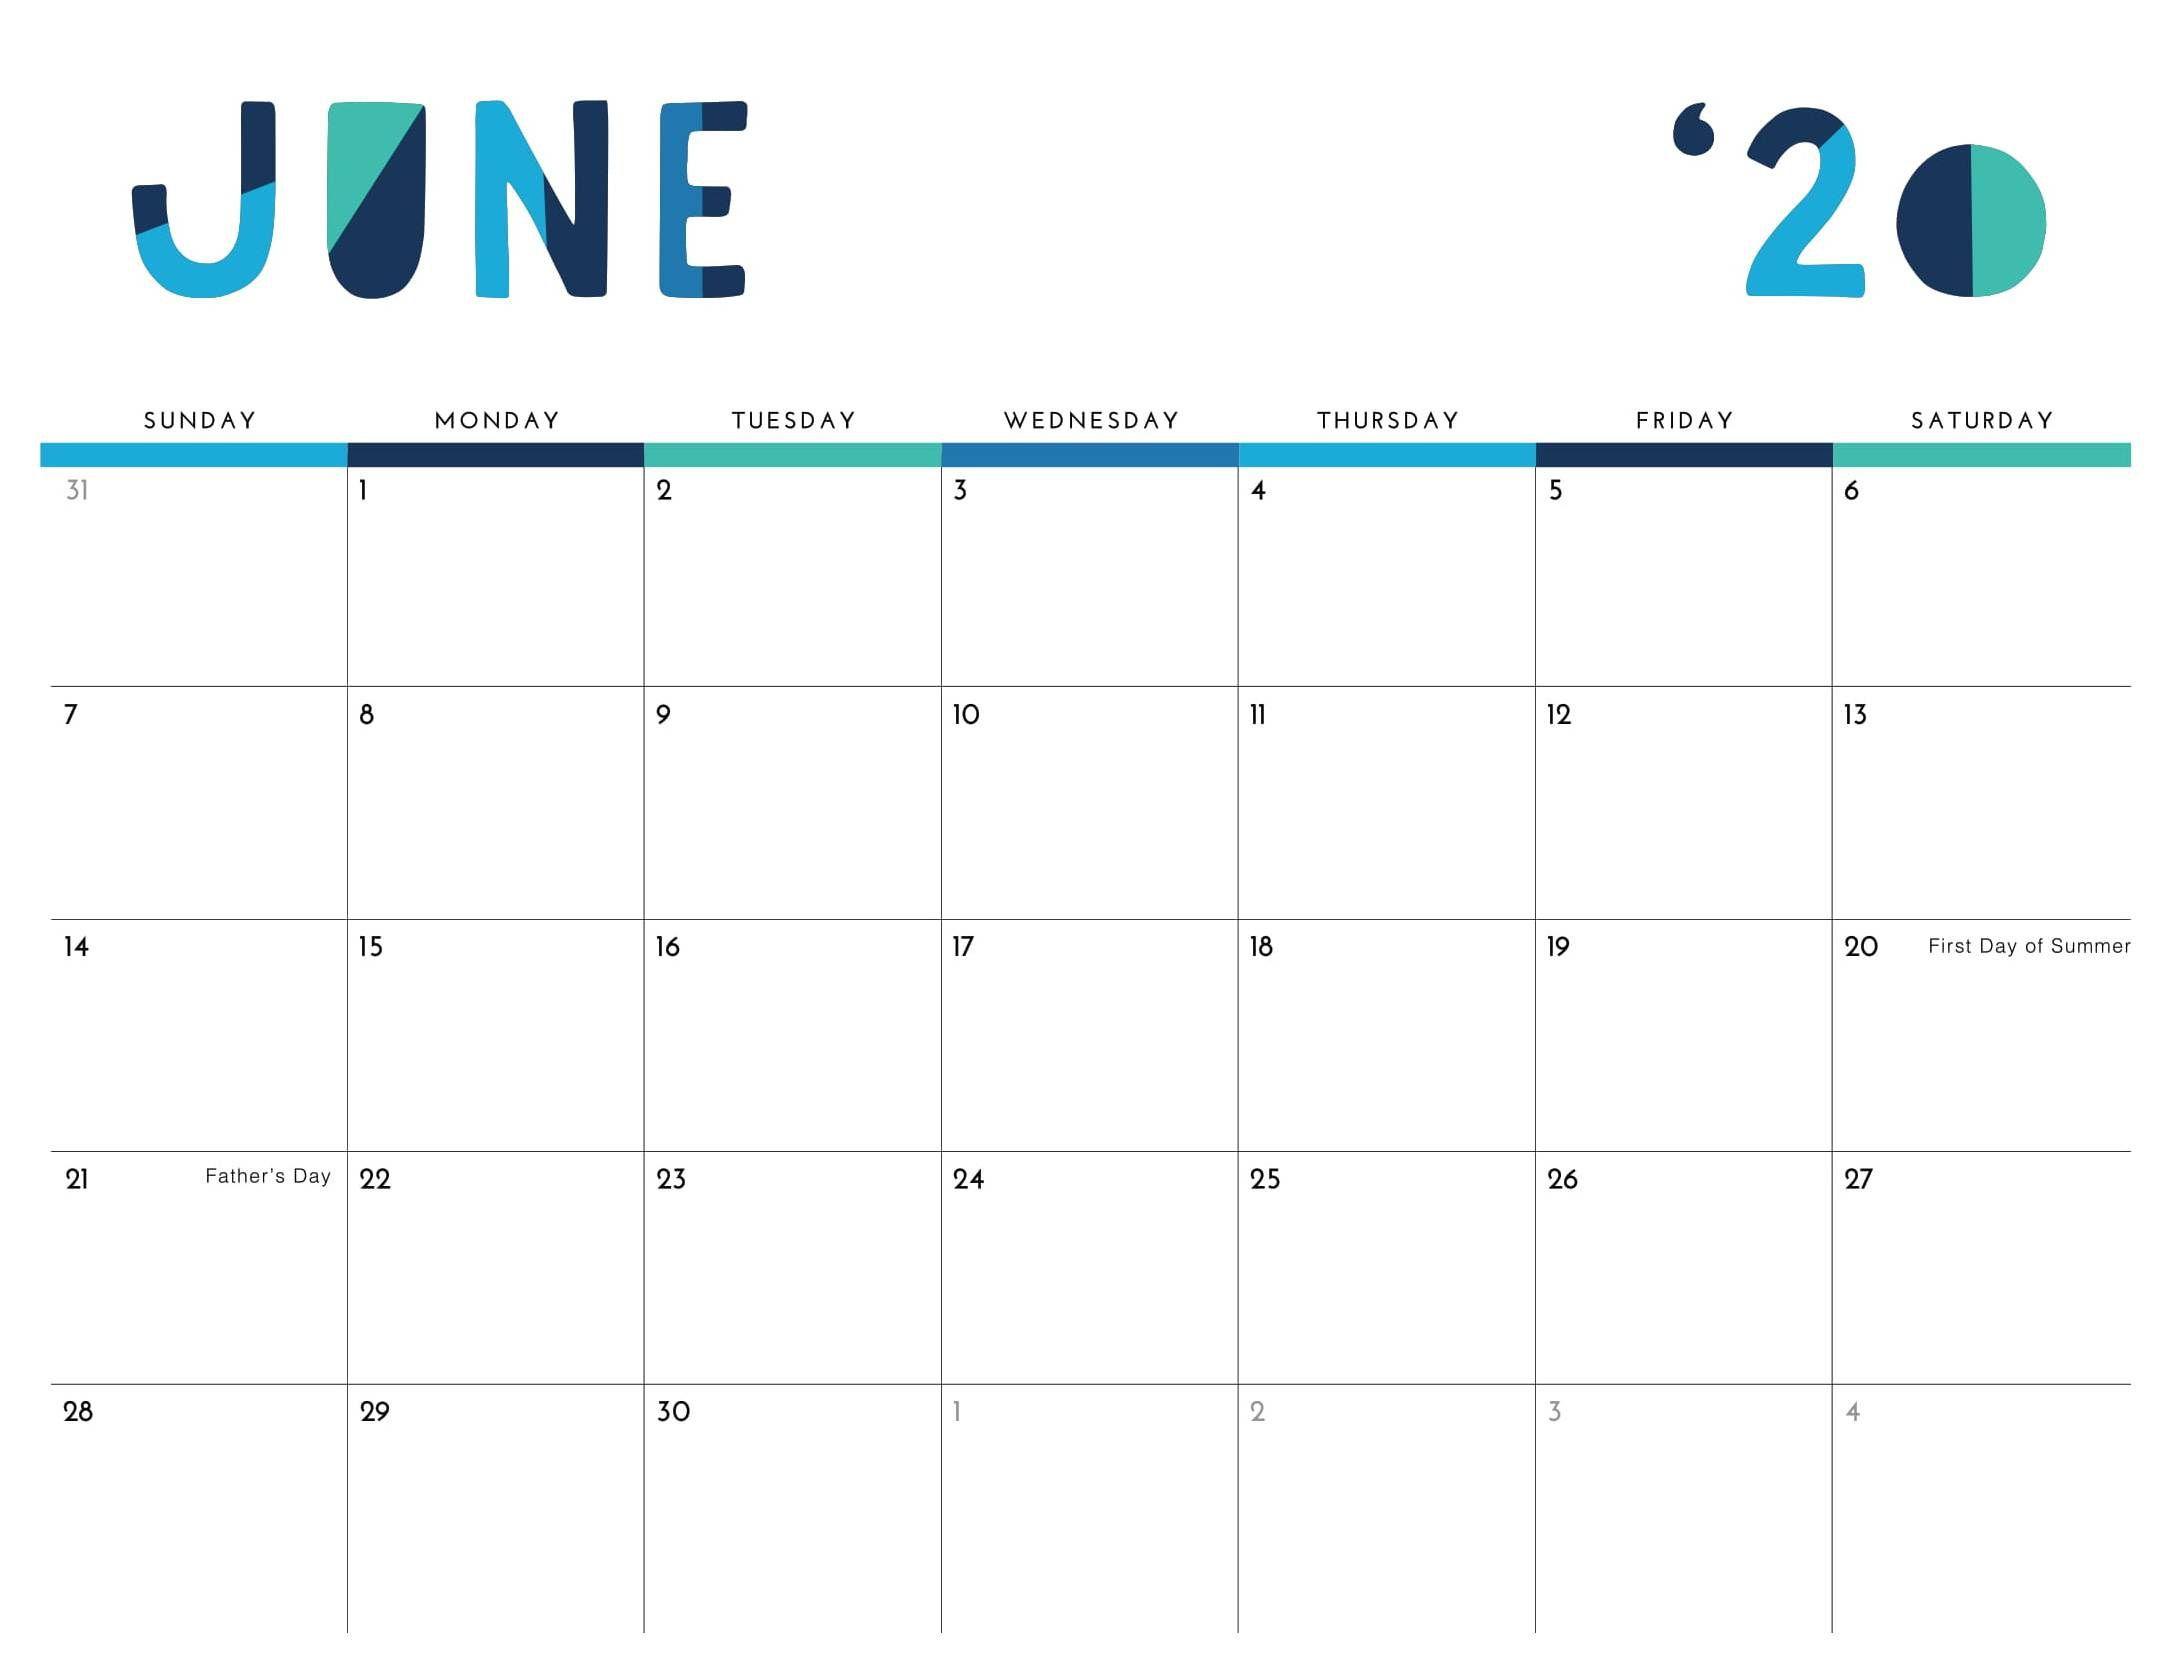 004 Fantastic Printable Calendar Template June 2020 High Def  FreeFull